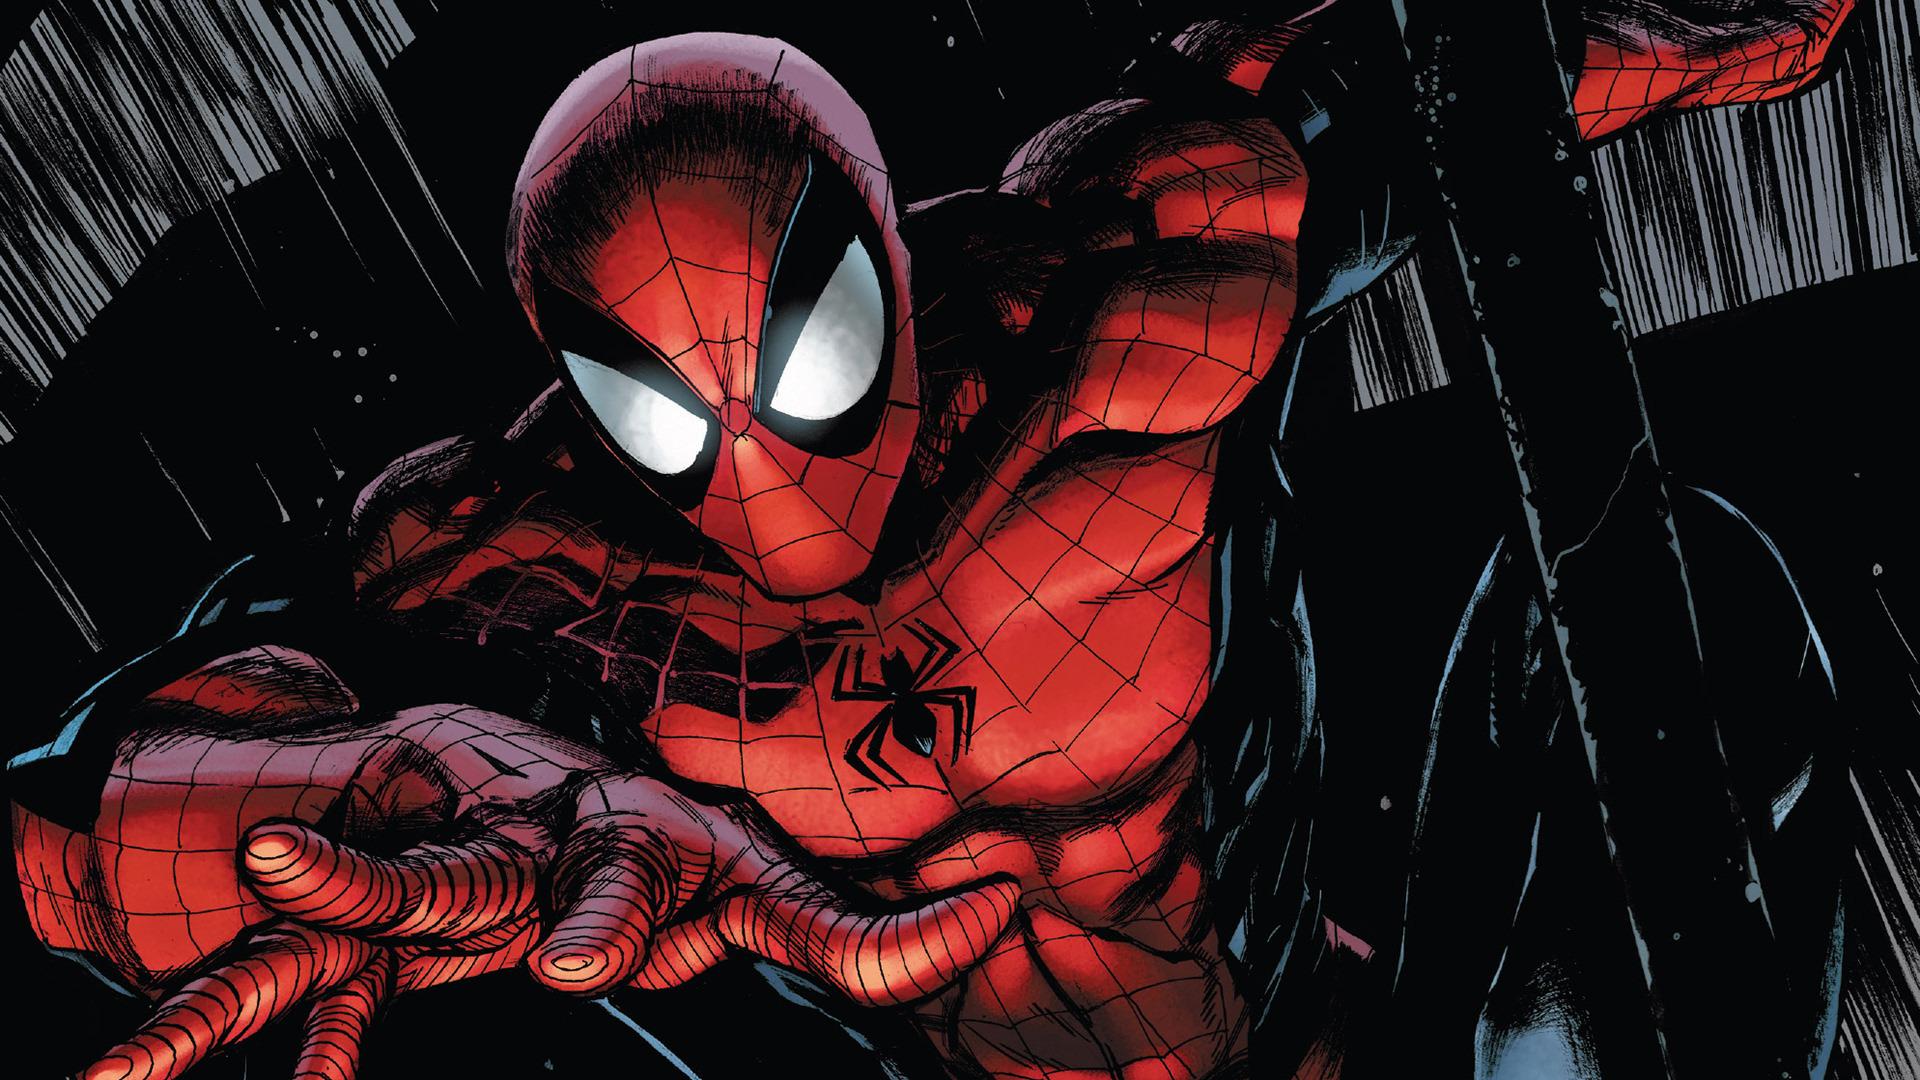 1920x1080 Spiderman Marvel Comics Laptop Full HD 1080P HD ...